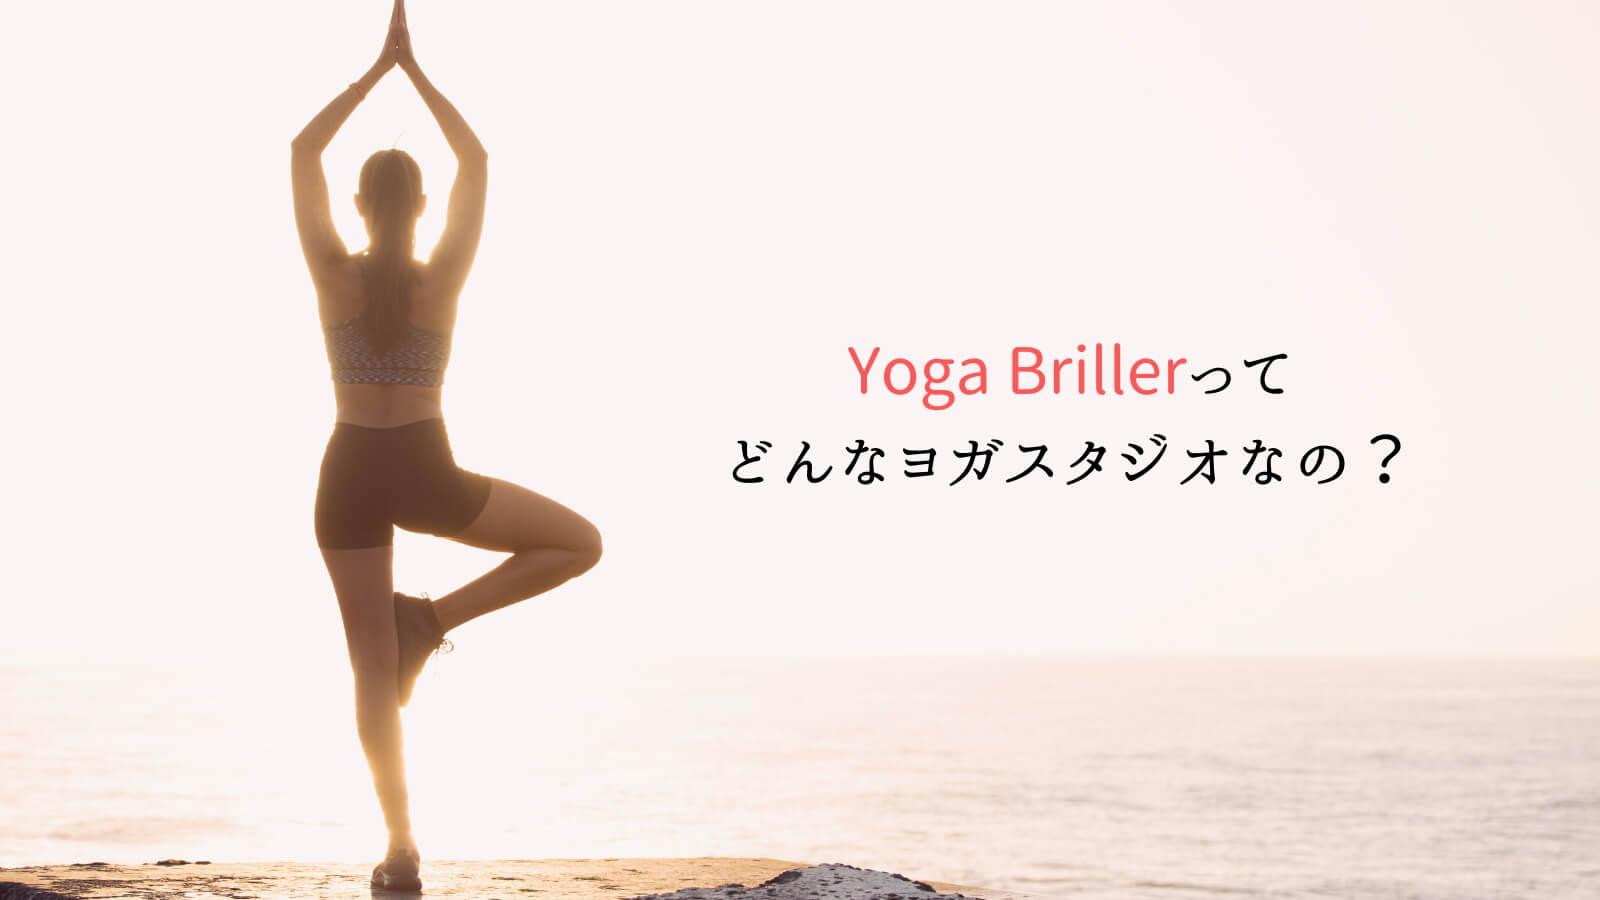 Yoga Brillerってどんなヨガスタジオなの?